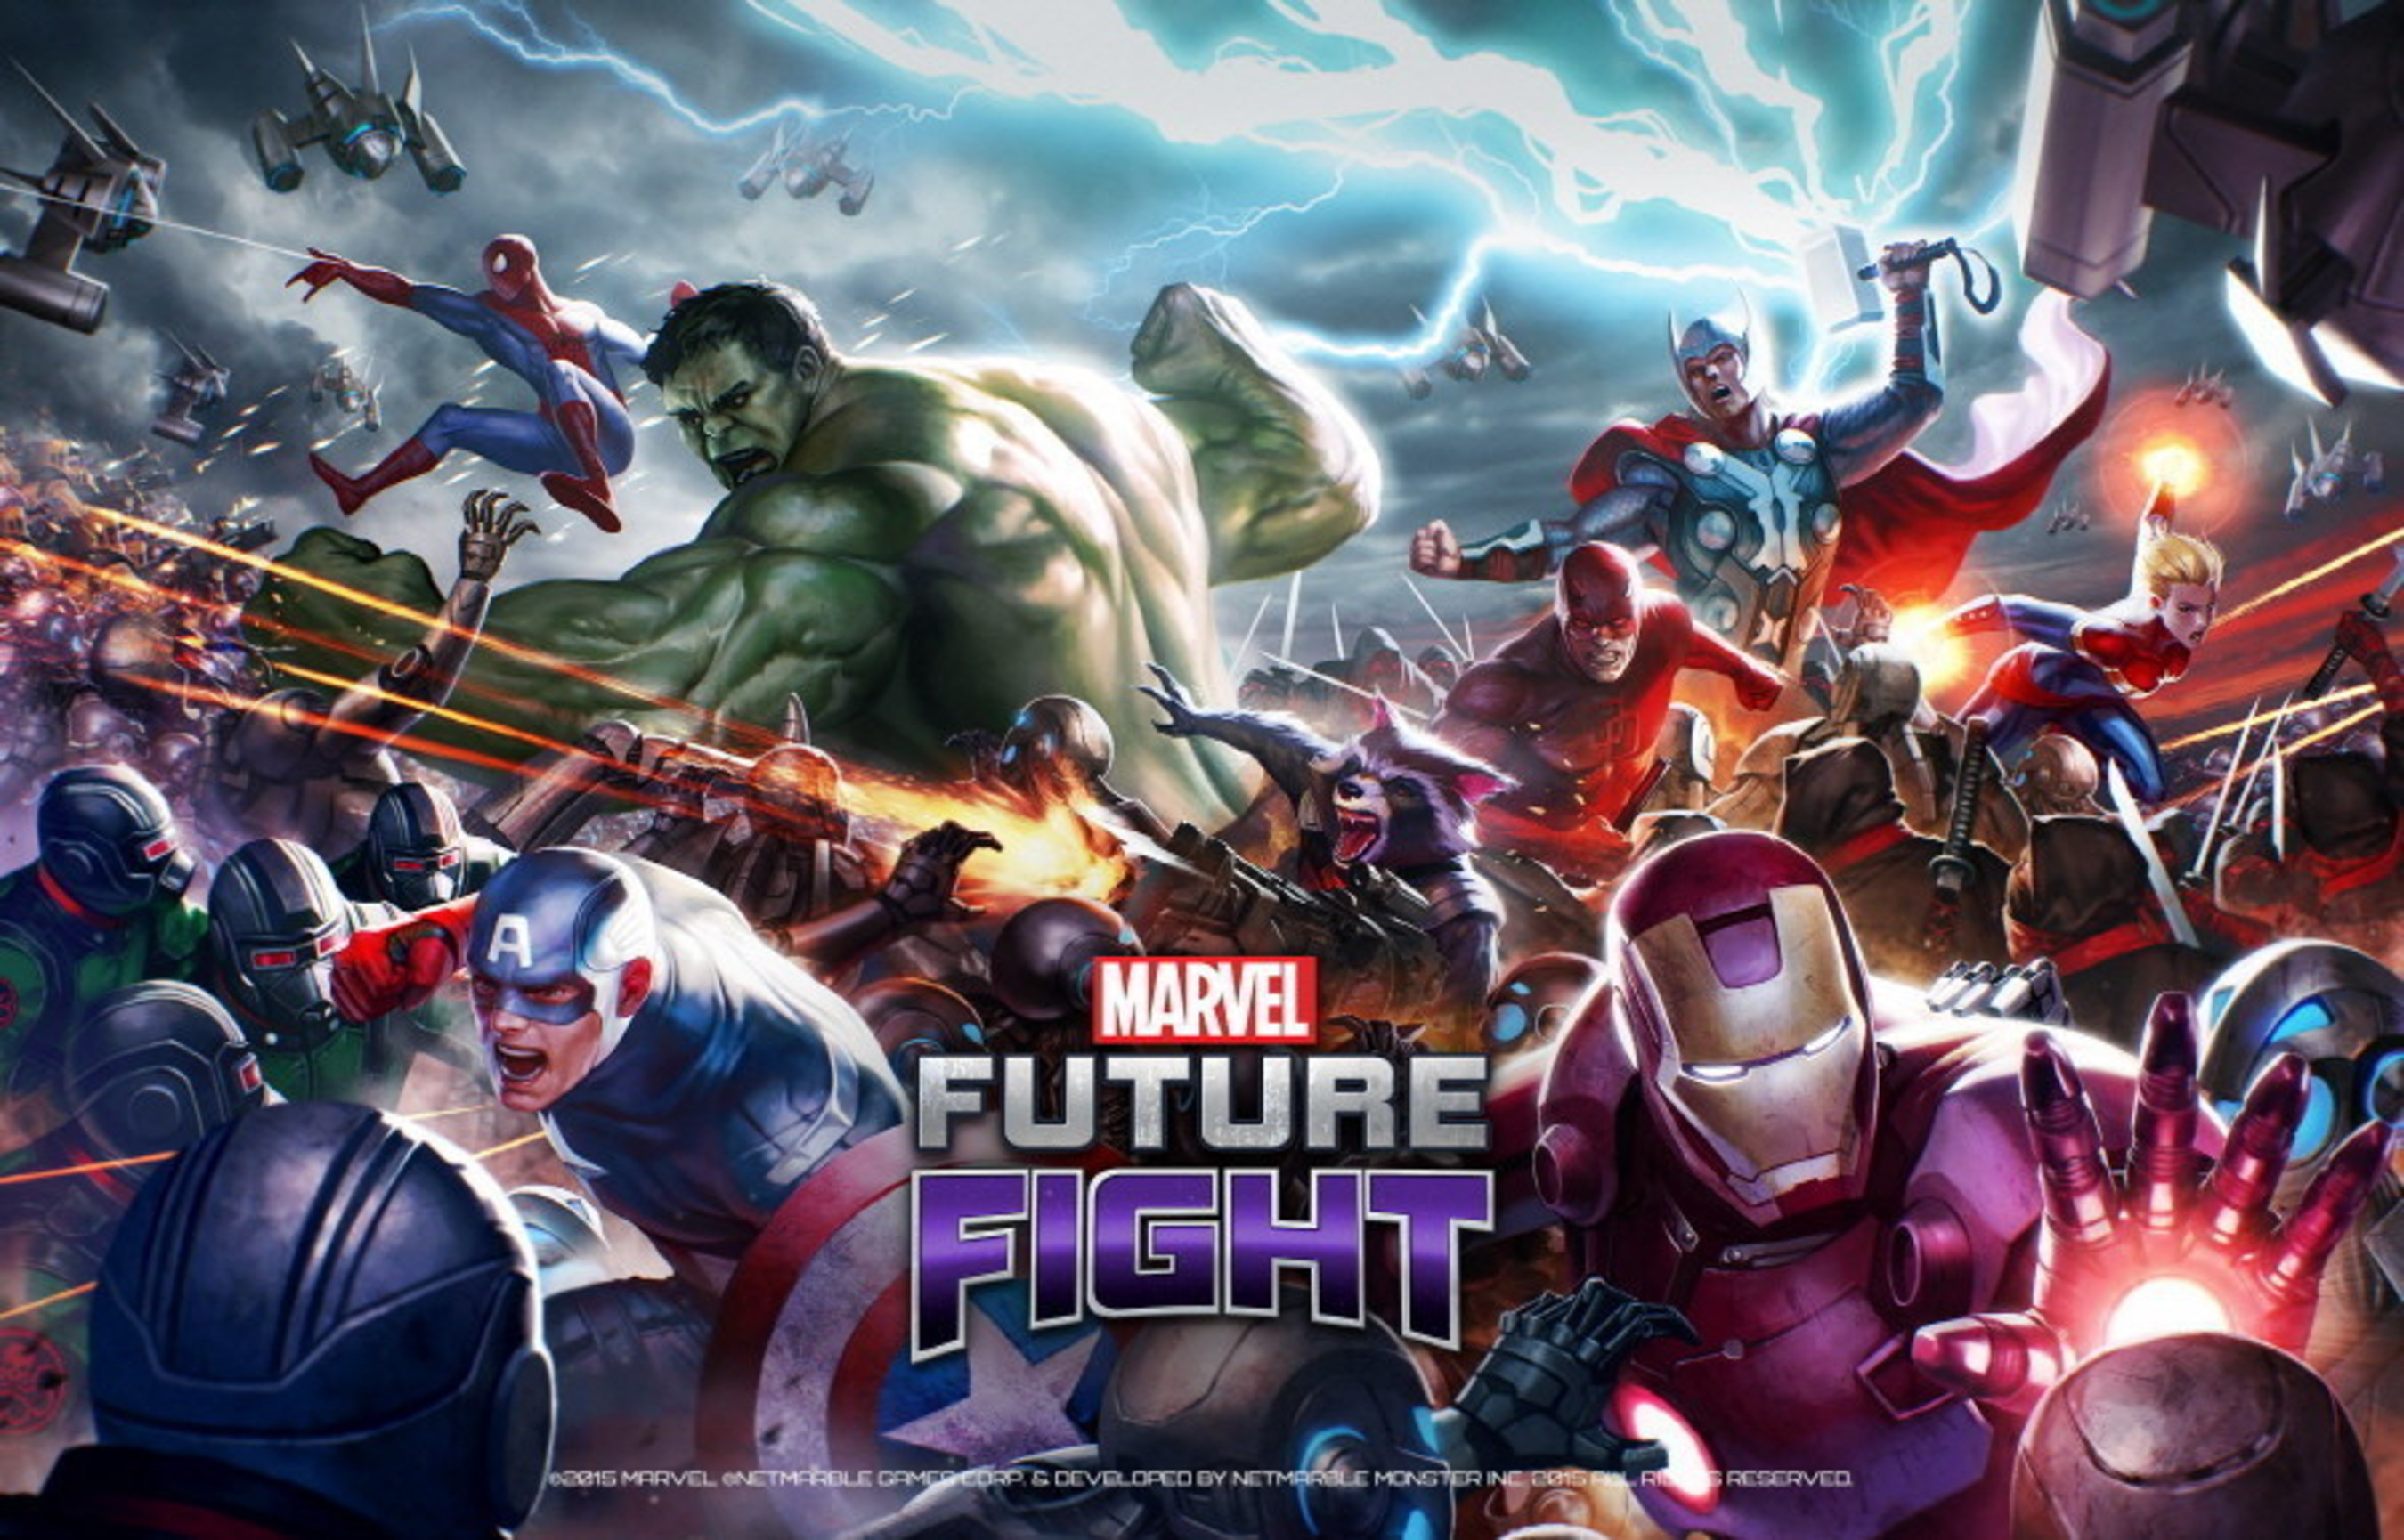 """""""Marvel Future Fight' von Netmarble schafft die 10-Millionen-Marke bei Downloads weltweit"""